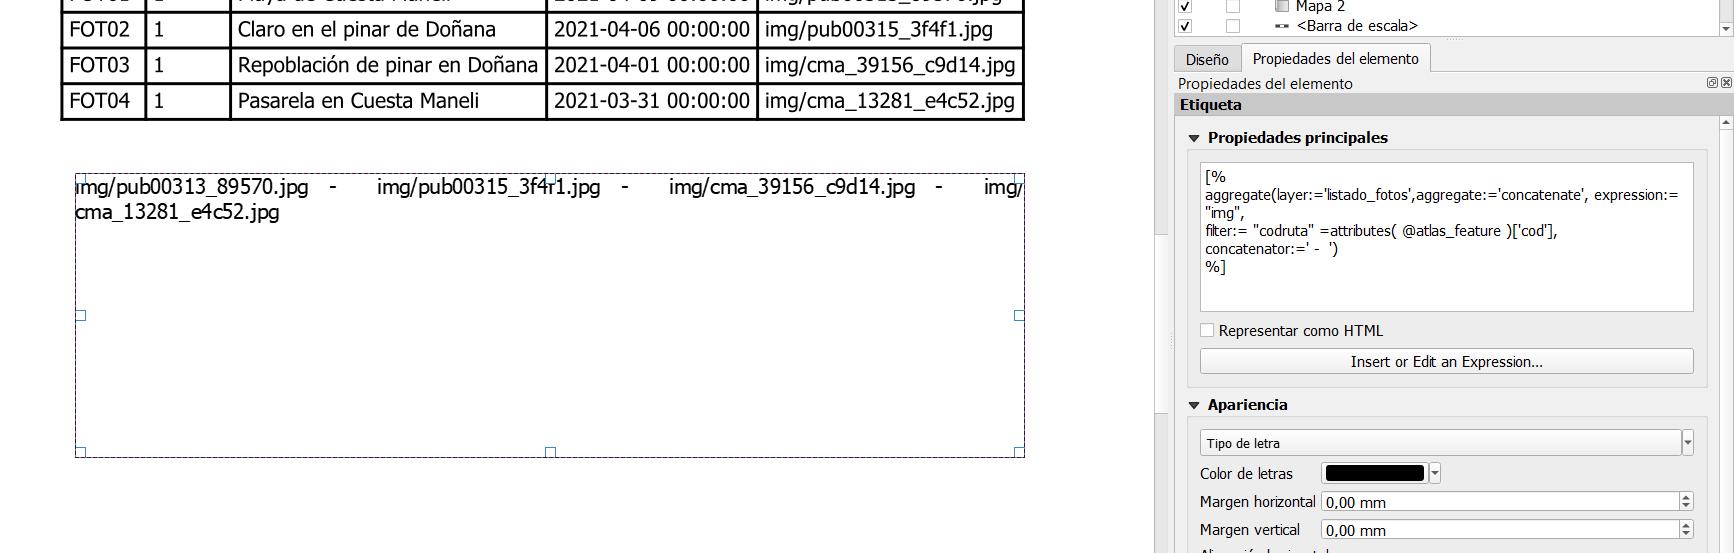 Ejemplo de función aggregate en QGIS